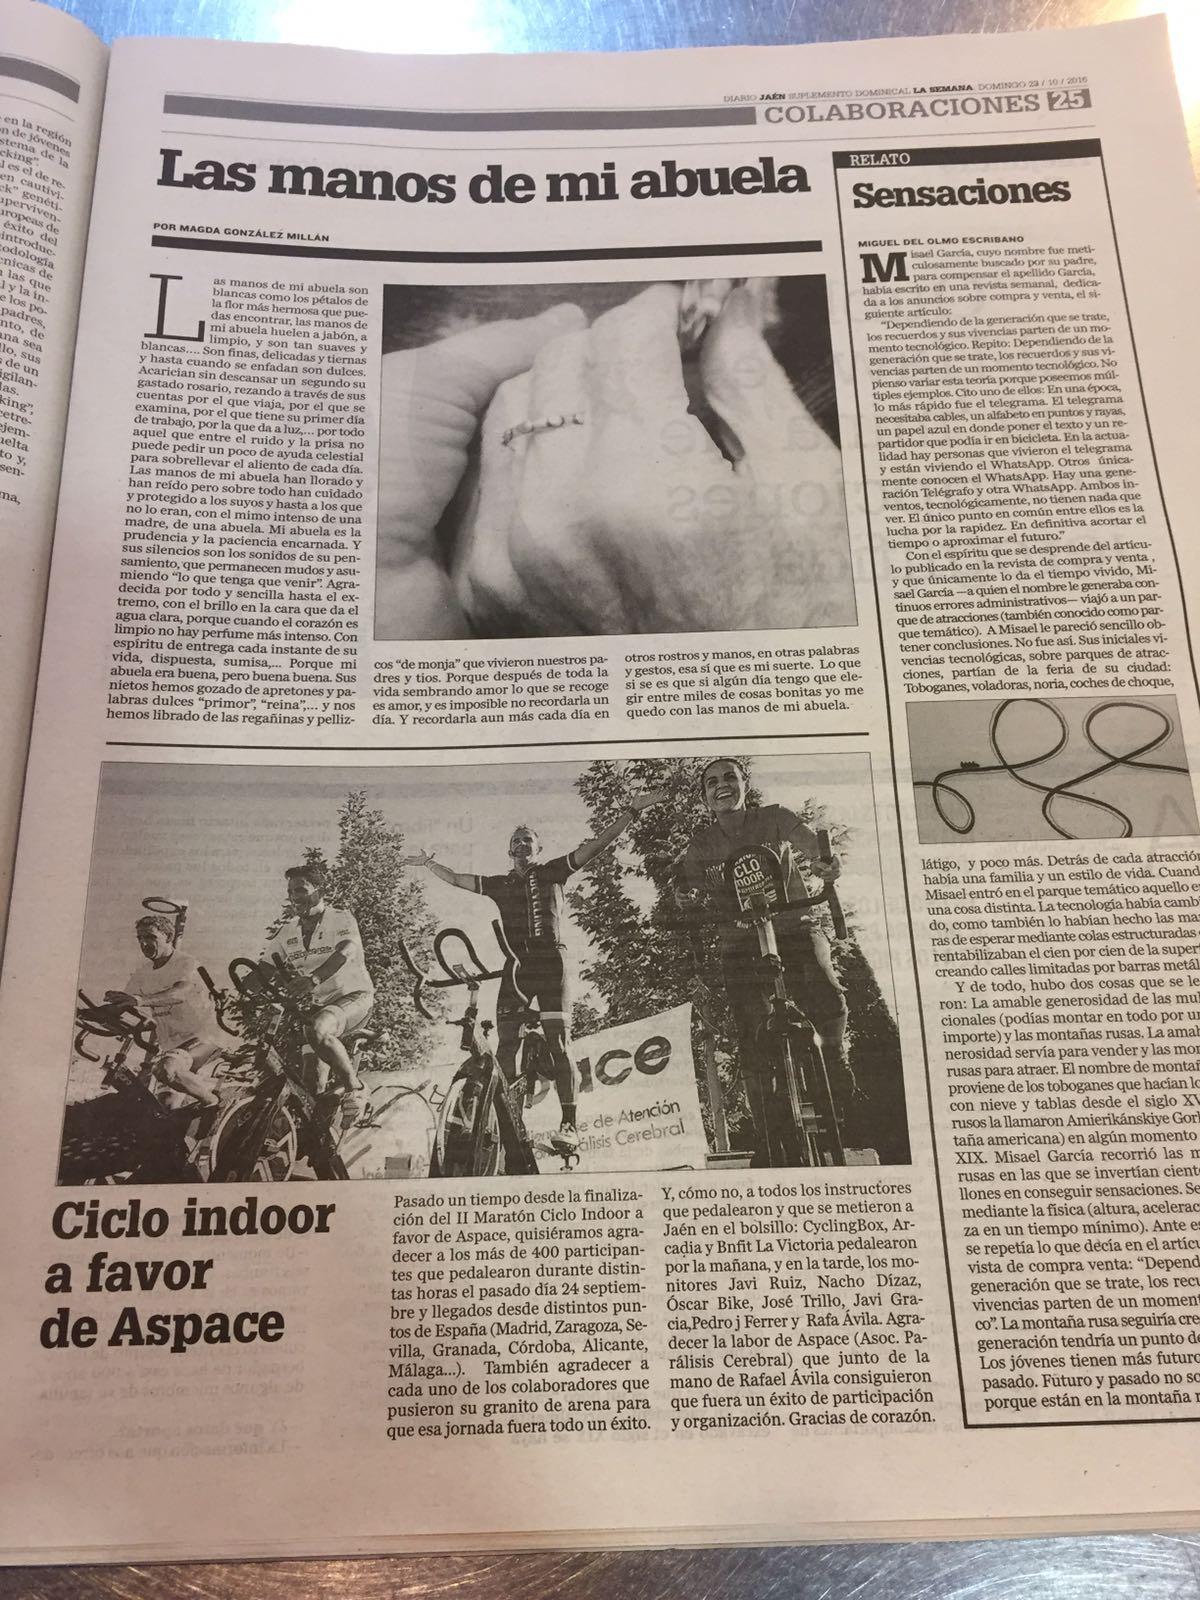 Dominical en Diario Jaén sobre Aspace Jaén